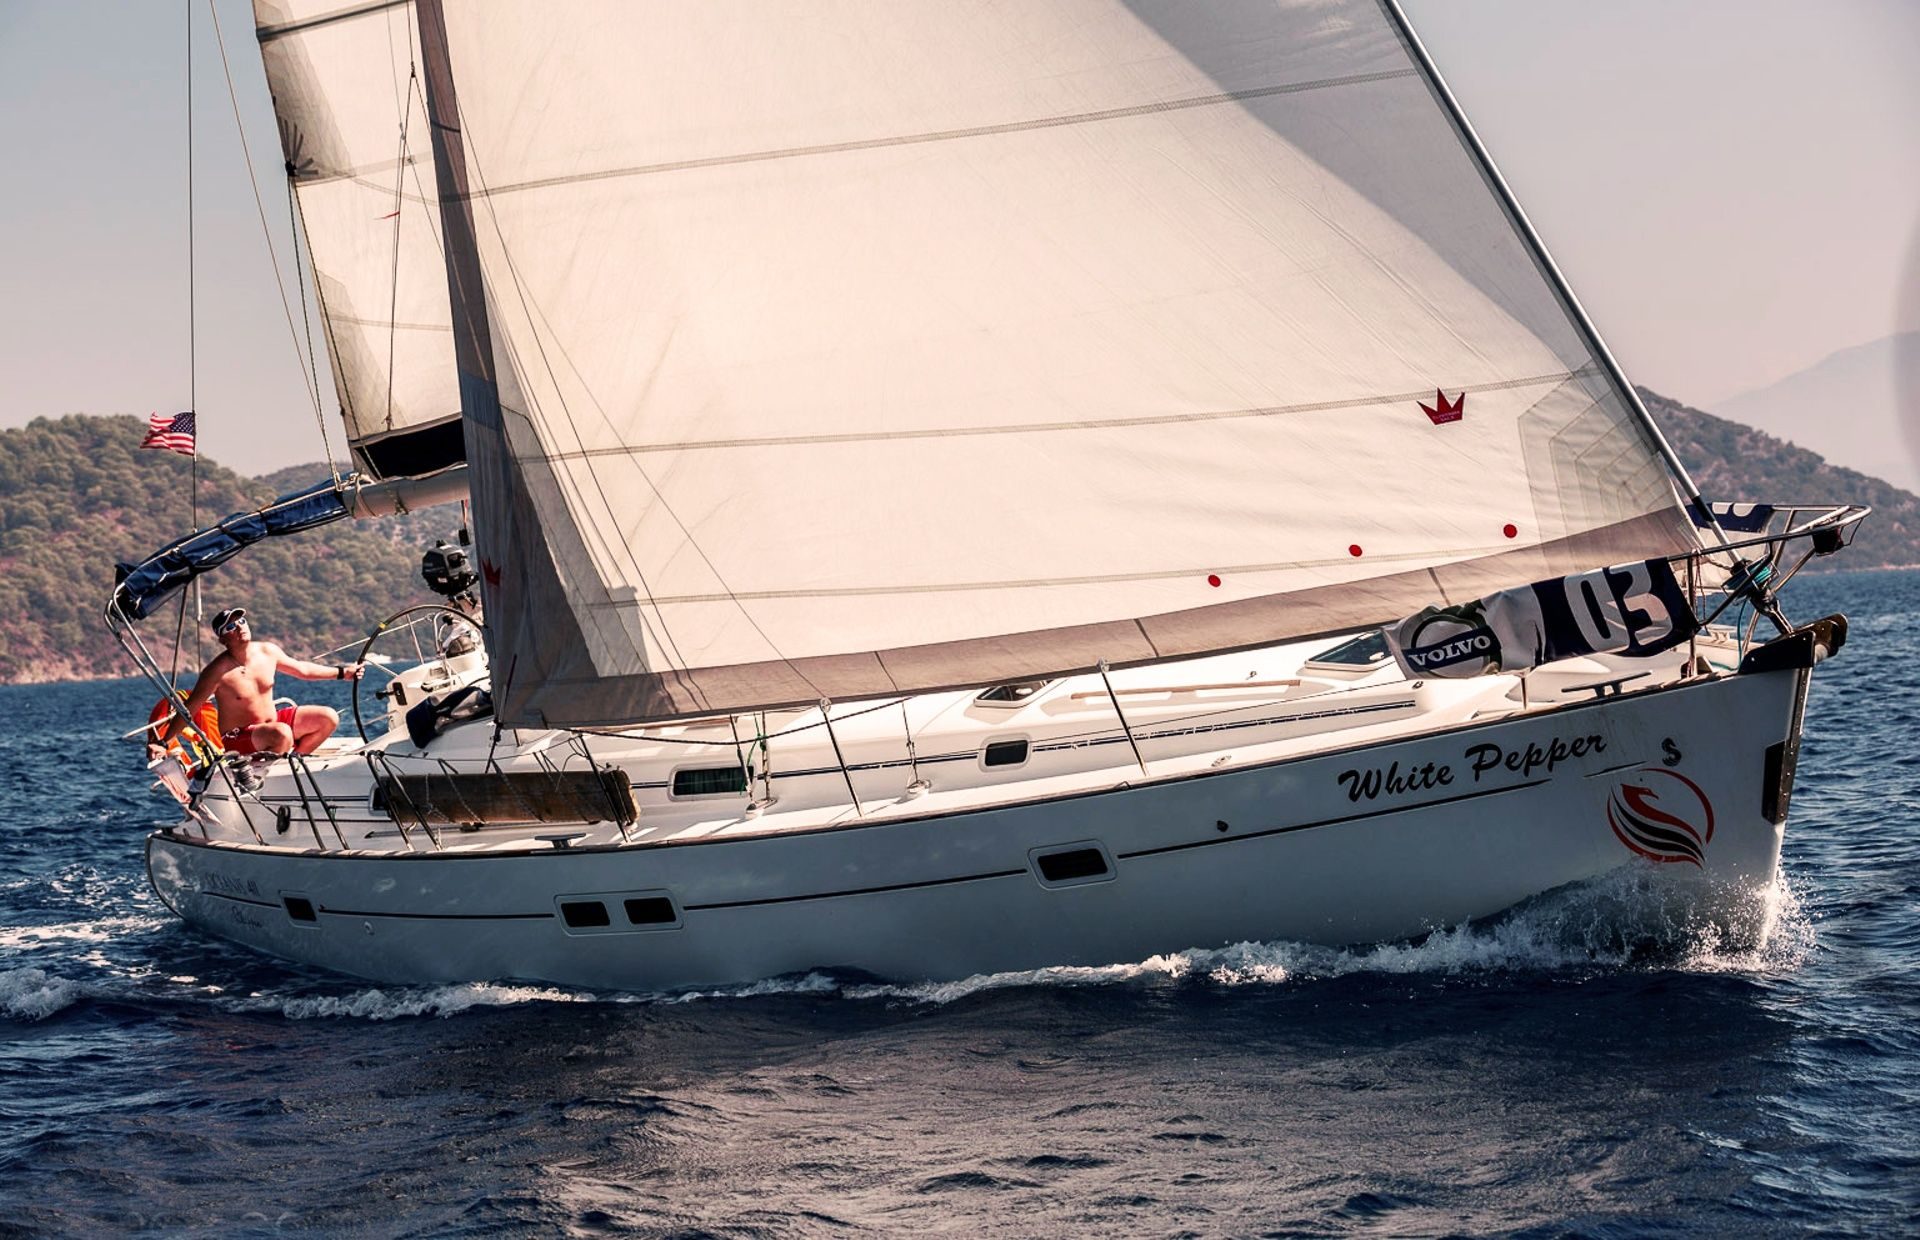 https://media.insailing.com/boat/white-pepper/image_1578498797124.jpg